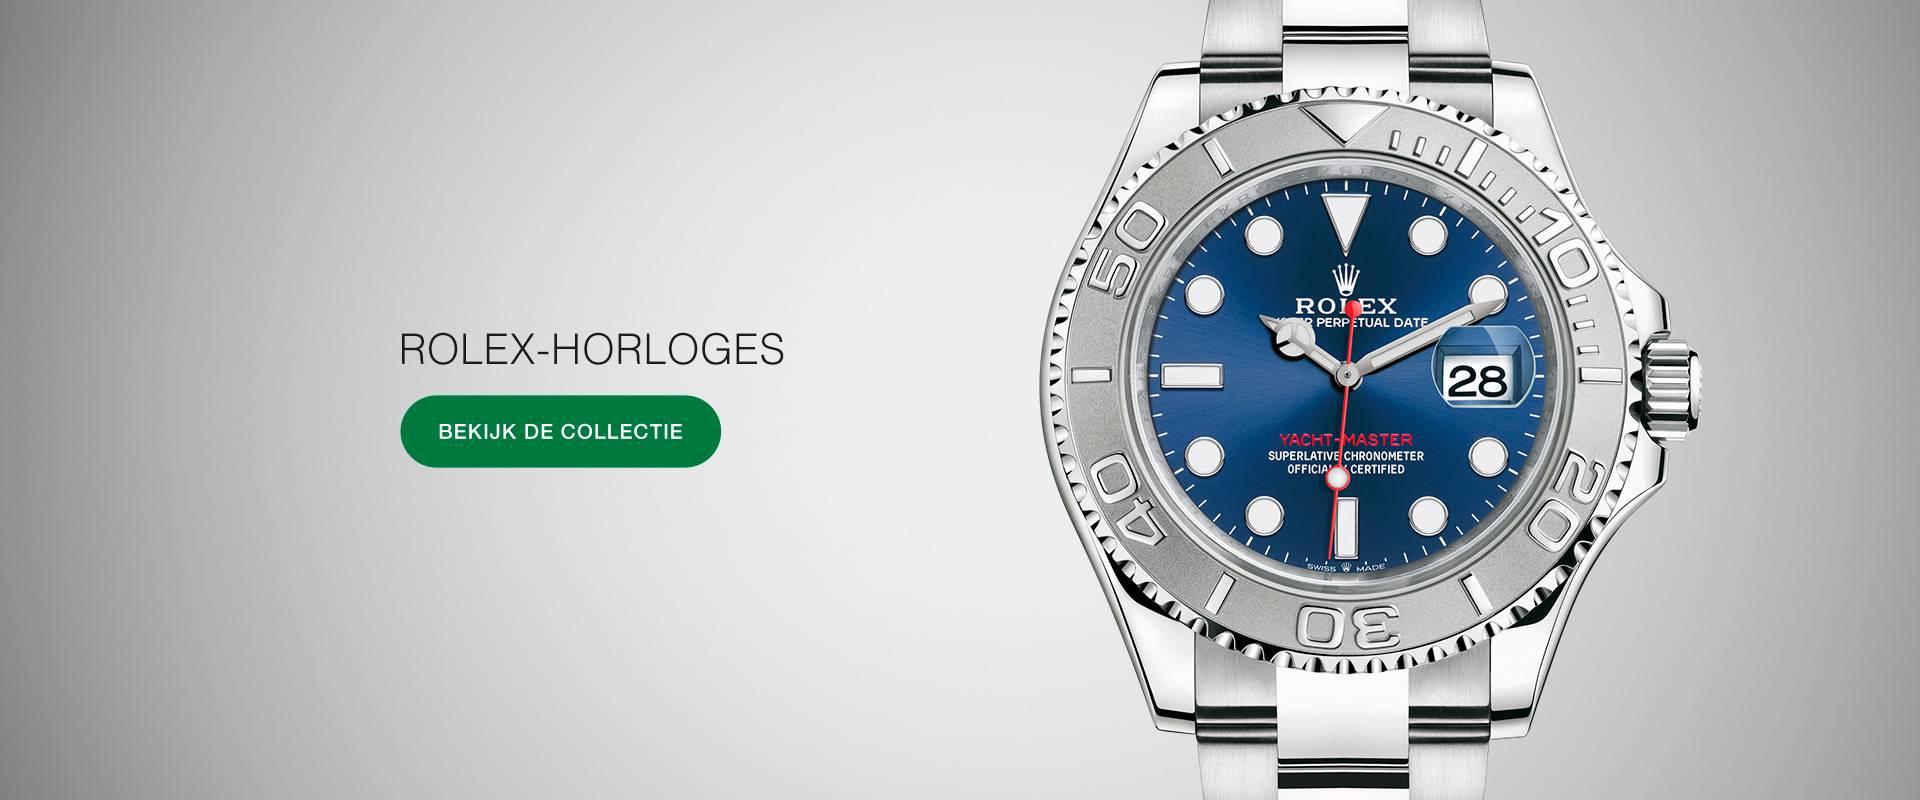 Leon Martens Juweliers Maastricht   Liefde voor High-end horloges en verfijnde sieraden